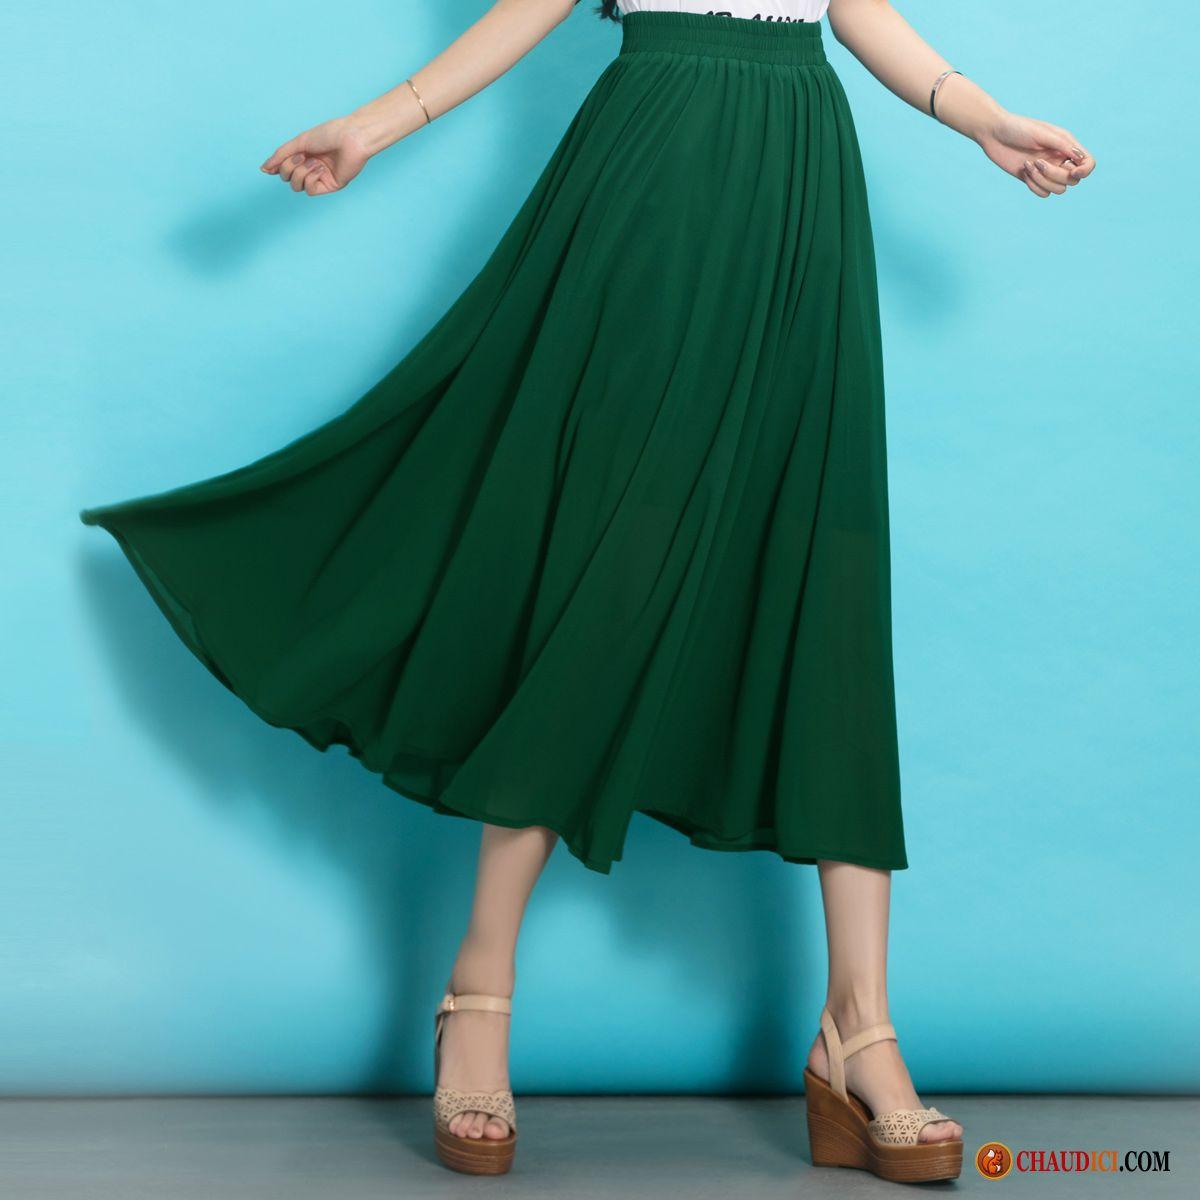 b862859d8299a Jupe Tres Longue Femme Mousseline De Soie Printemps Demi-jupe Pure Été Pas  Cher